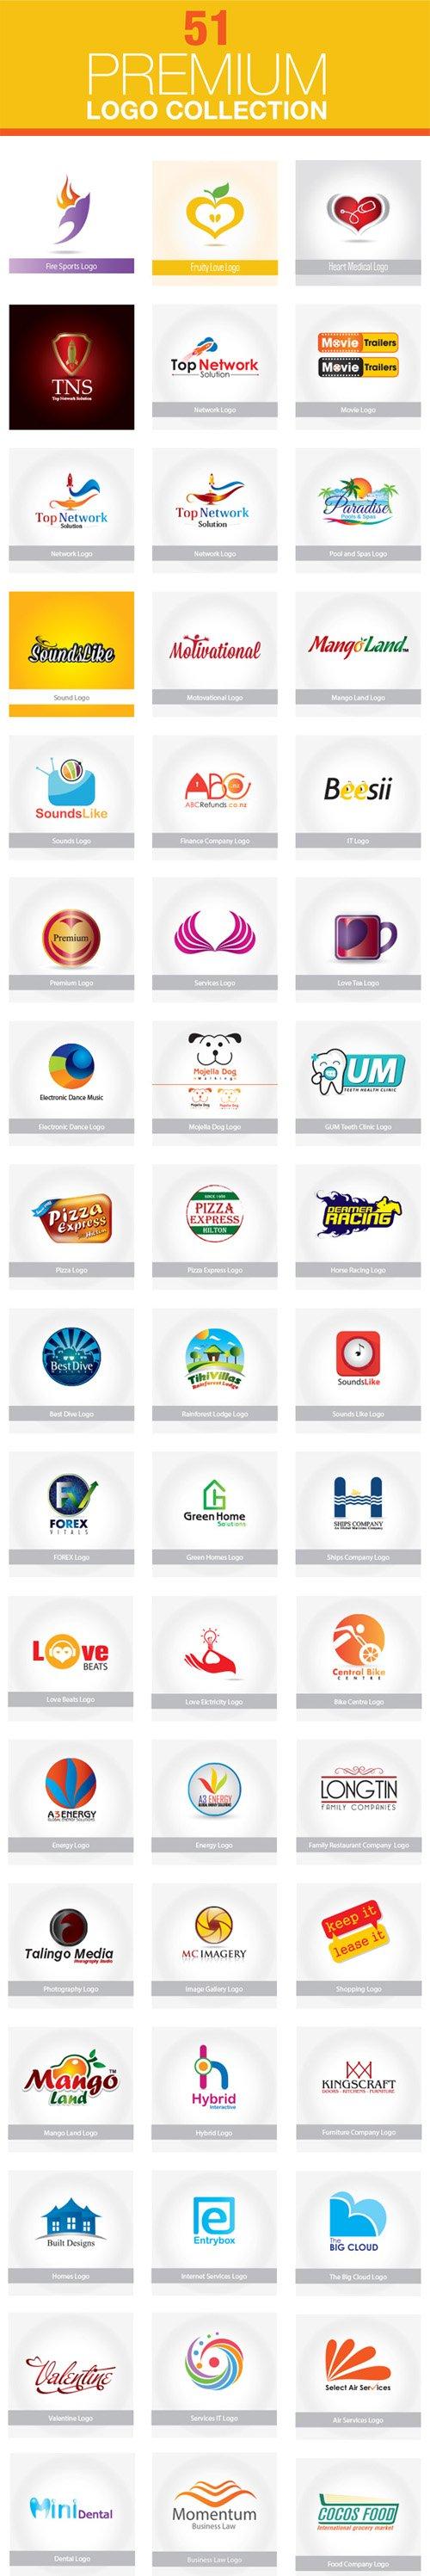 51 Premium Logo Vector Collection